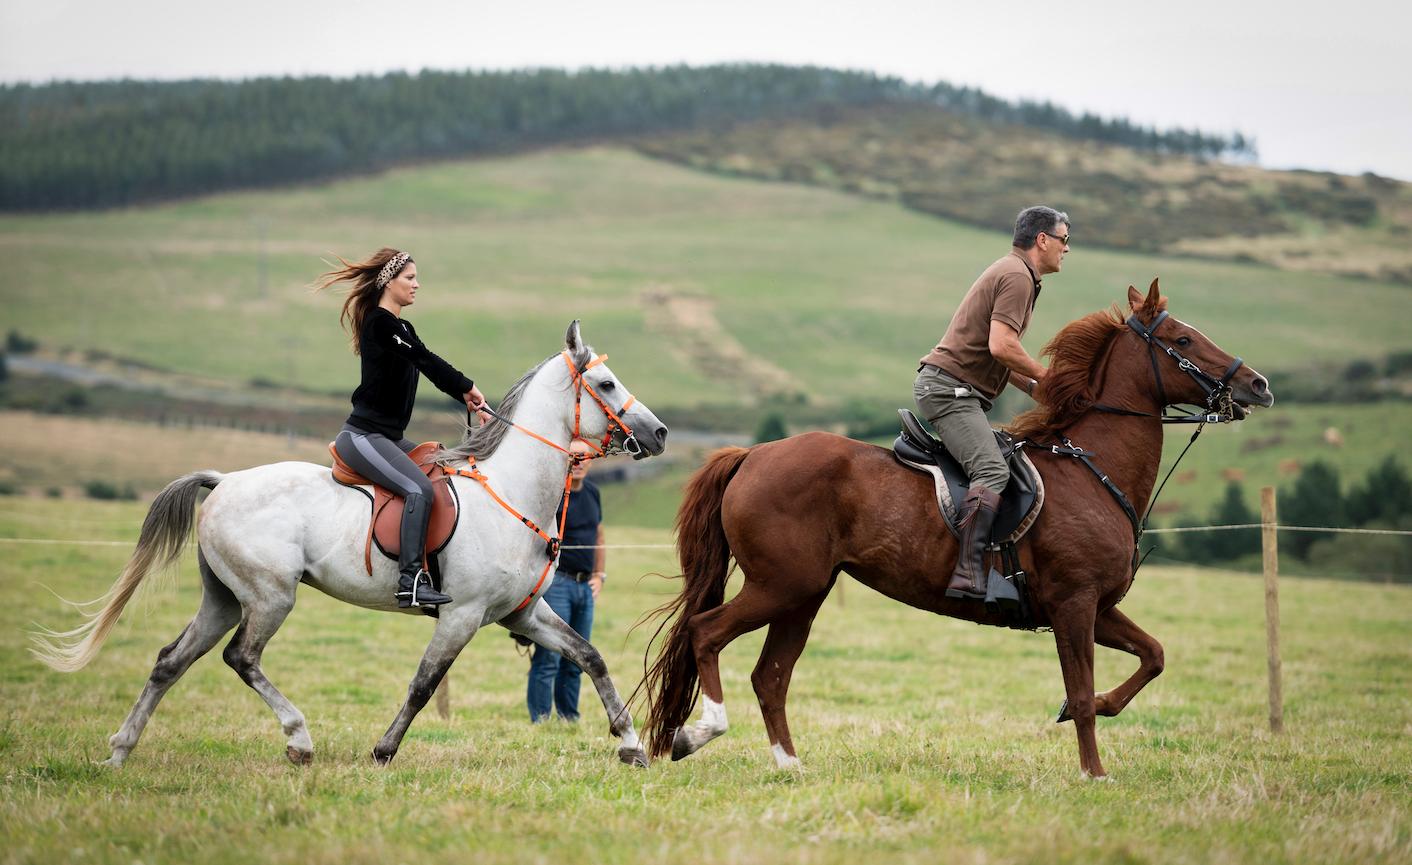 Concello de Muras | Curso inicio mundo dos cabalos |